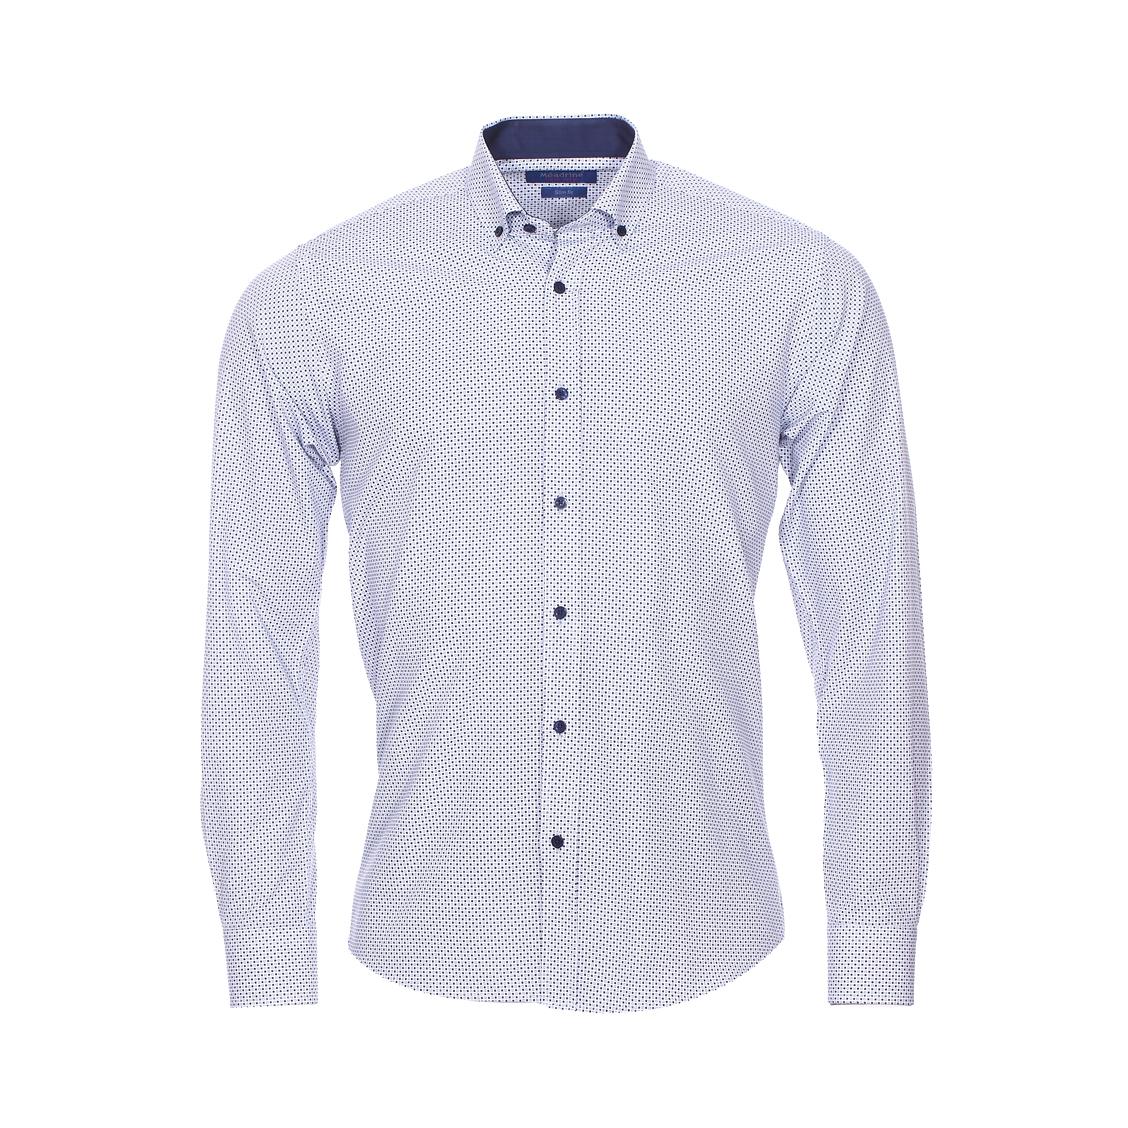 Chemise cintrée  en coton blanc à petits carreaux bleu marine